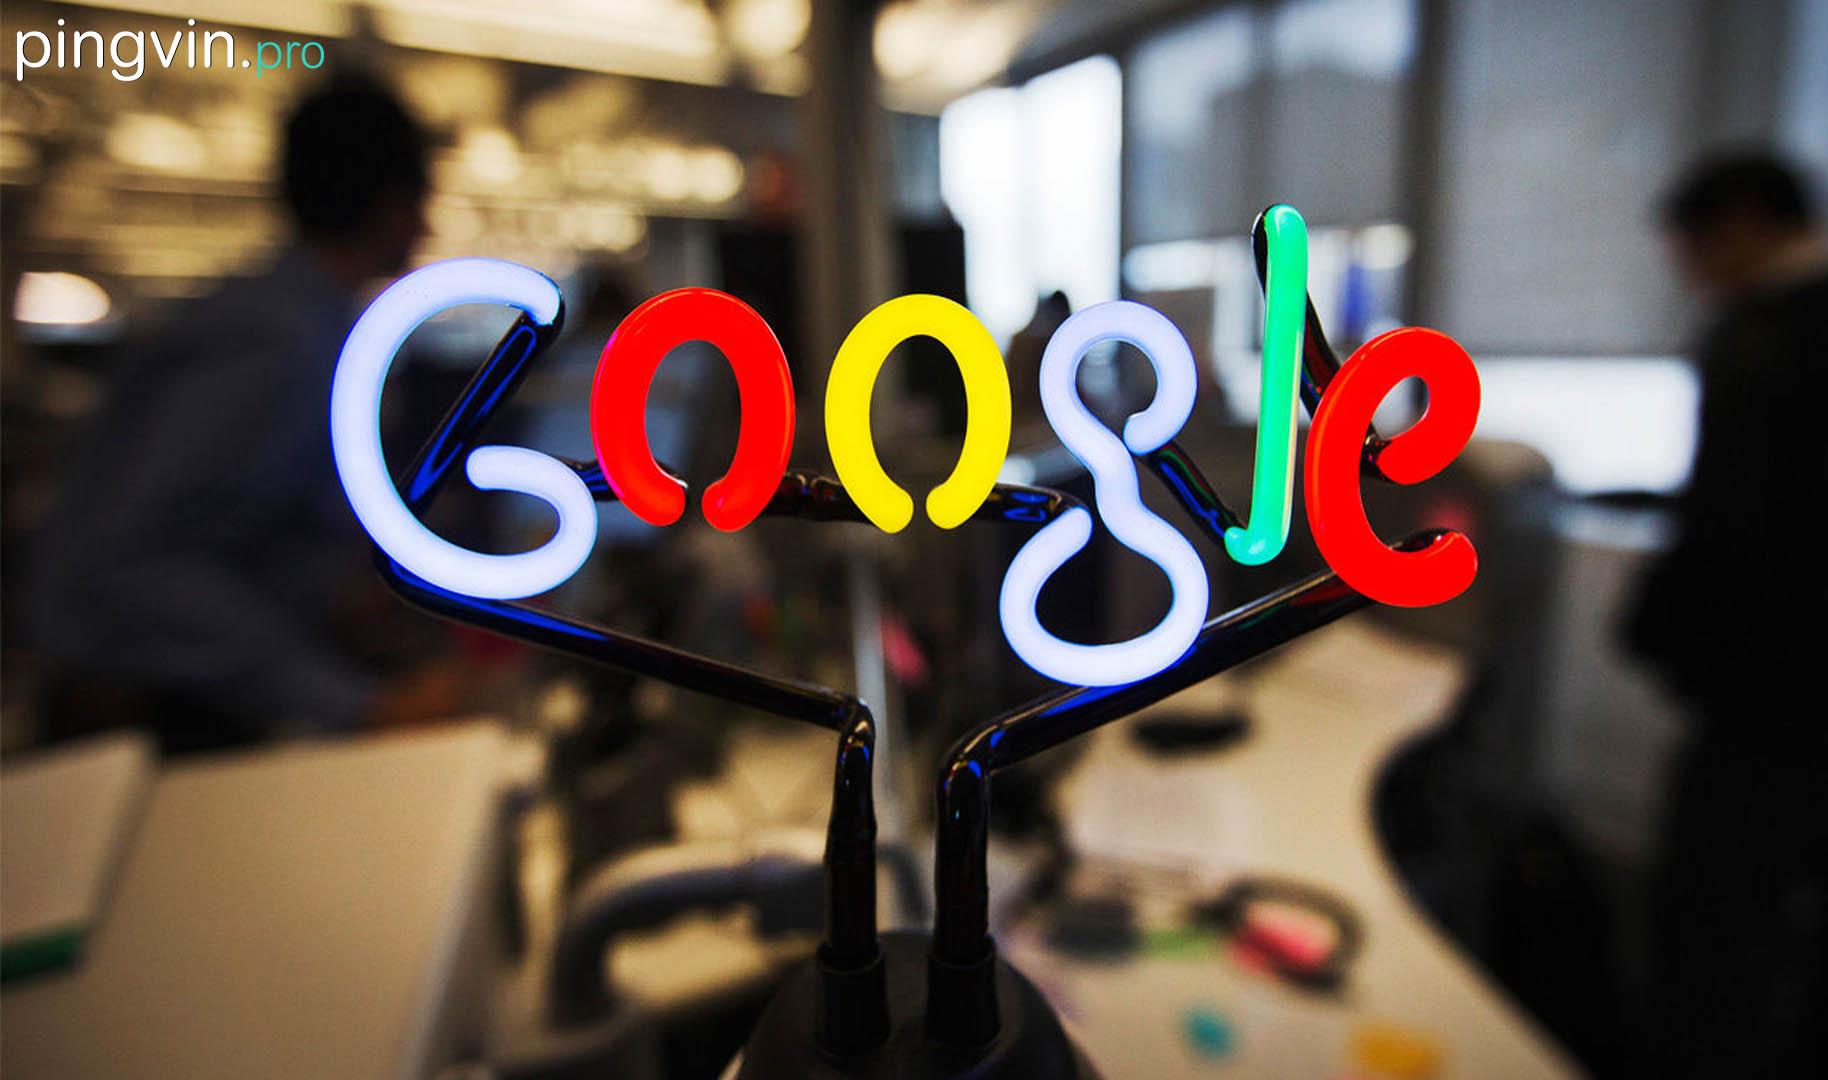 Google дозволить всім охочим впливати на функціональність сервісів